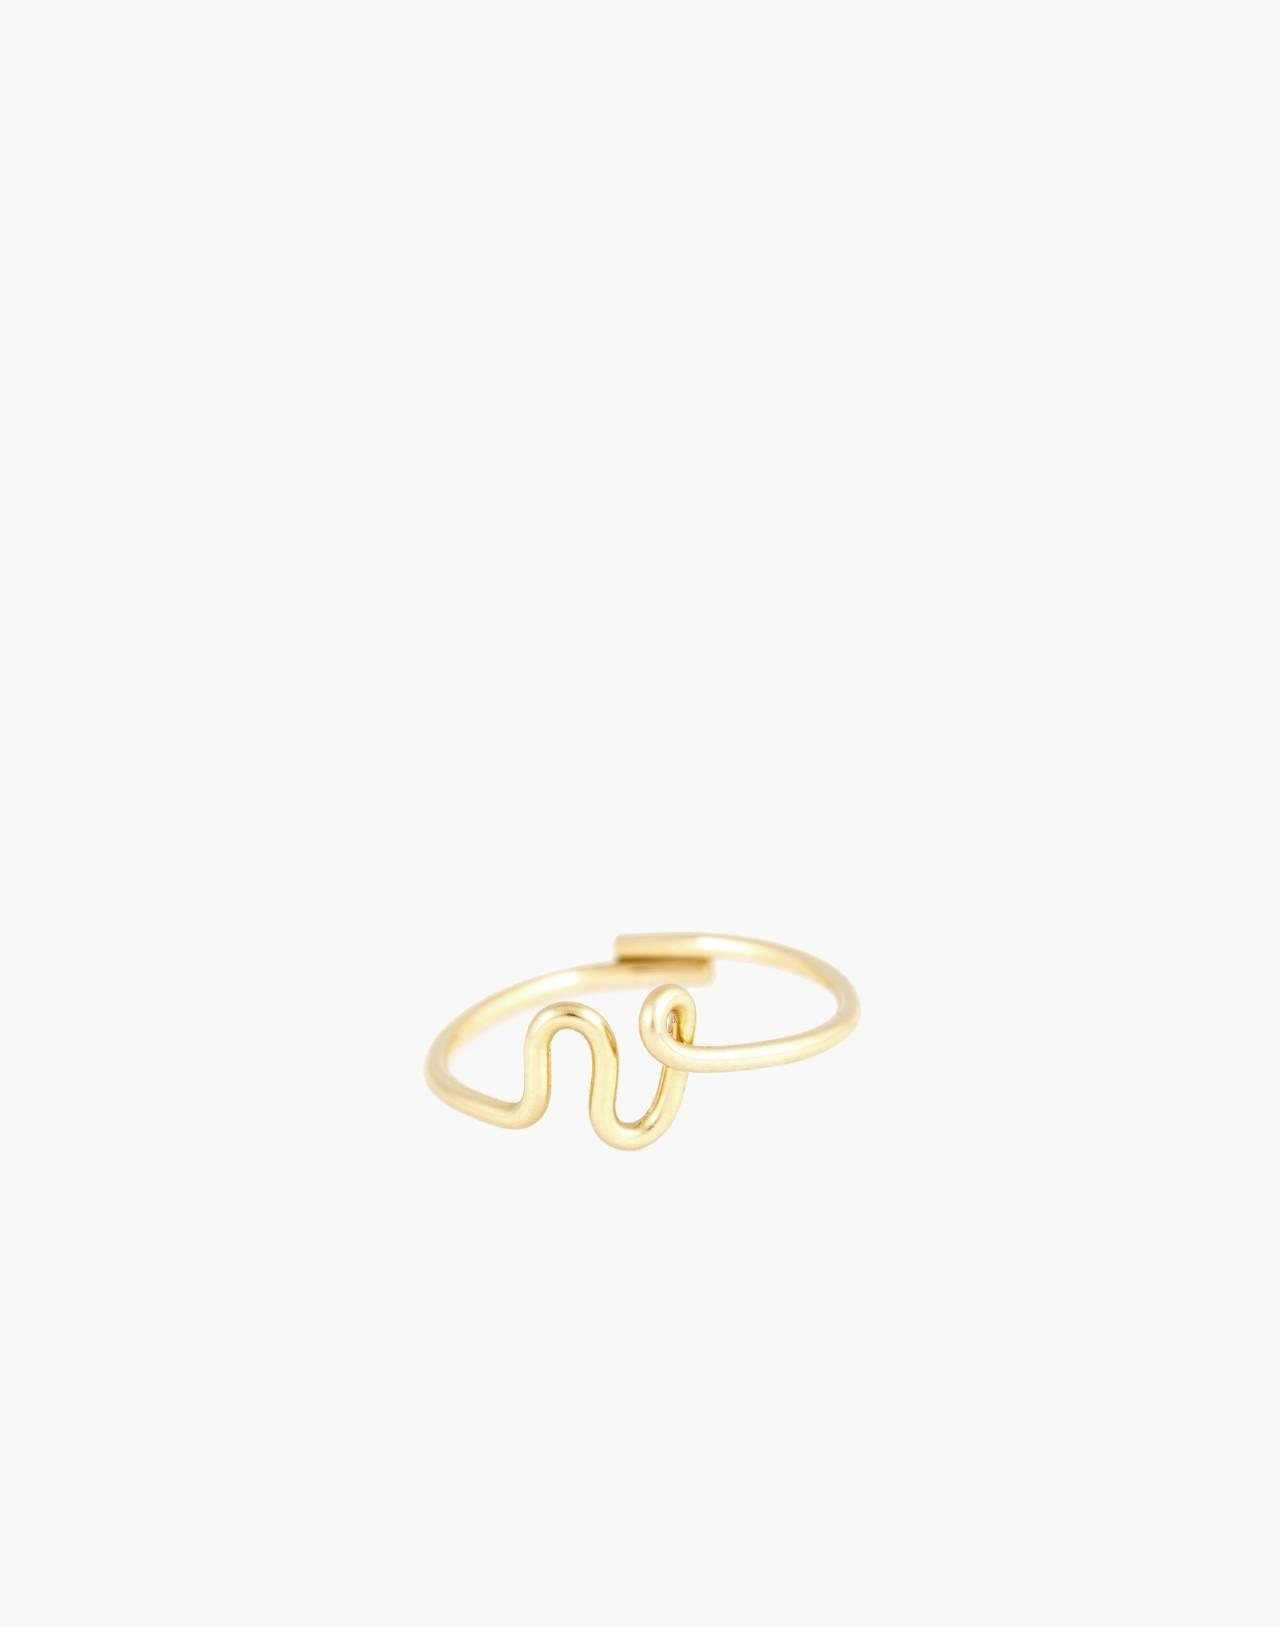 Atelier Paulin™ Poetic Letter Ring in letter v image 1